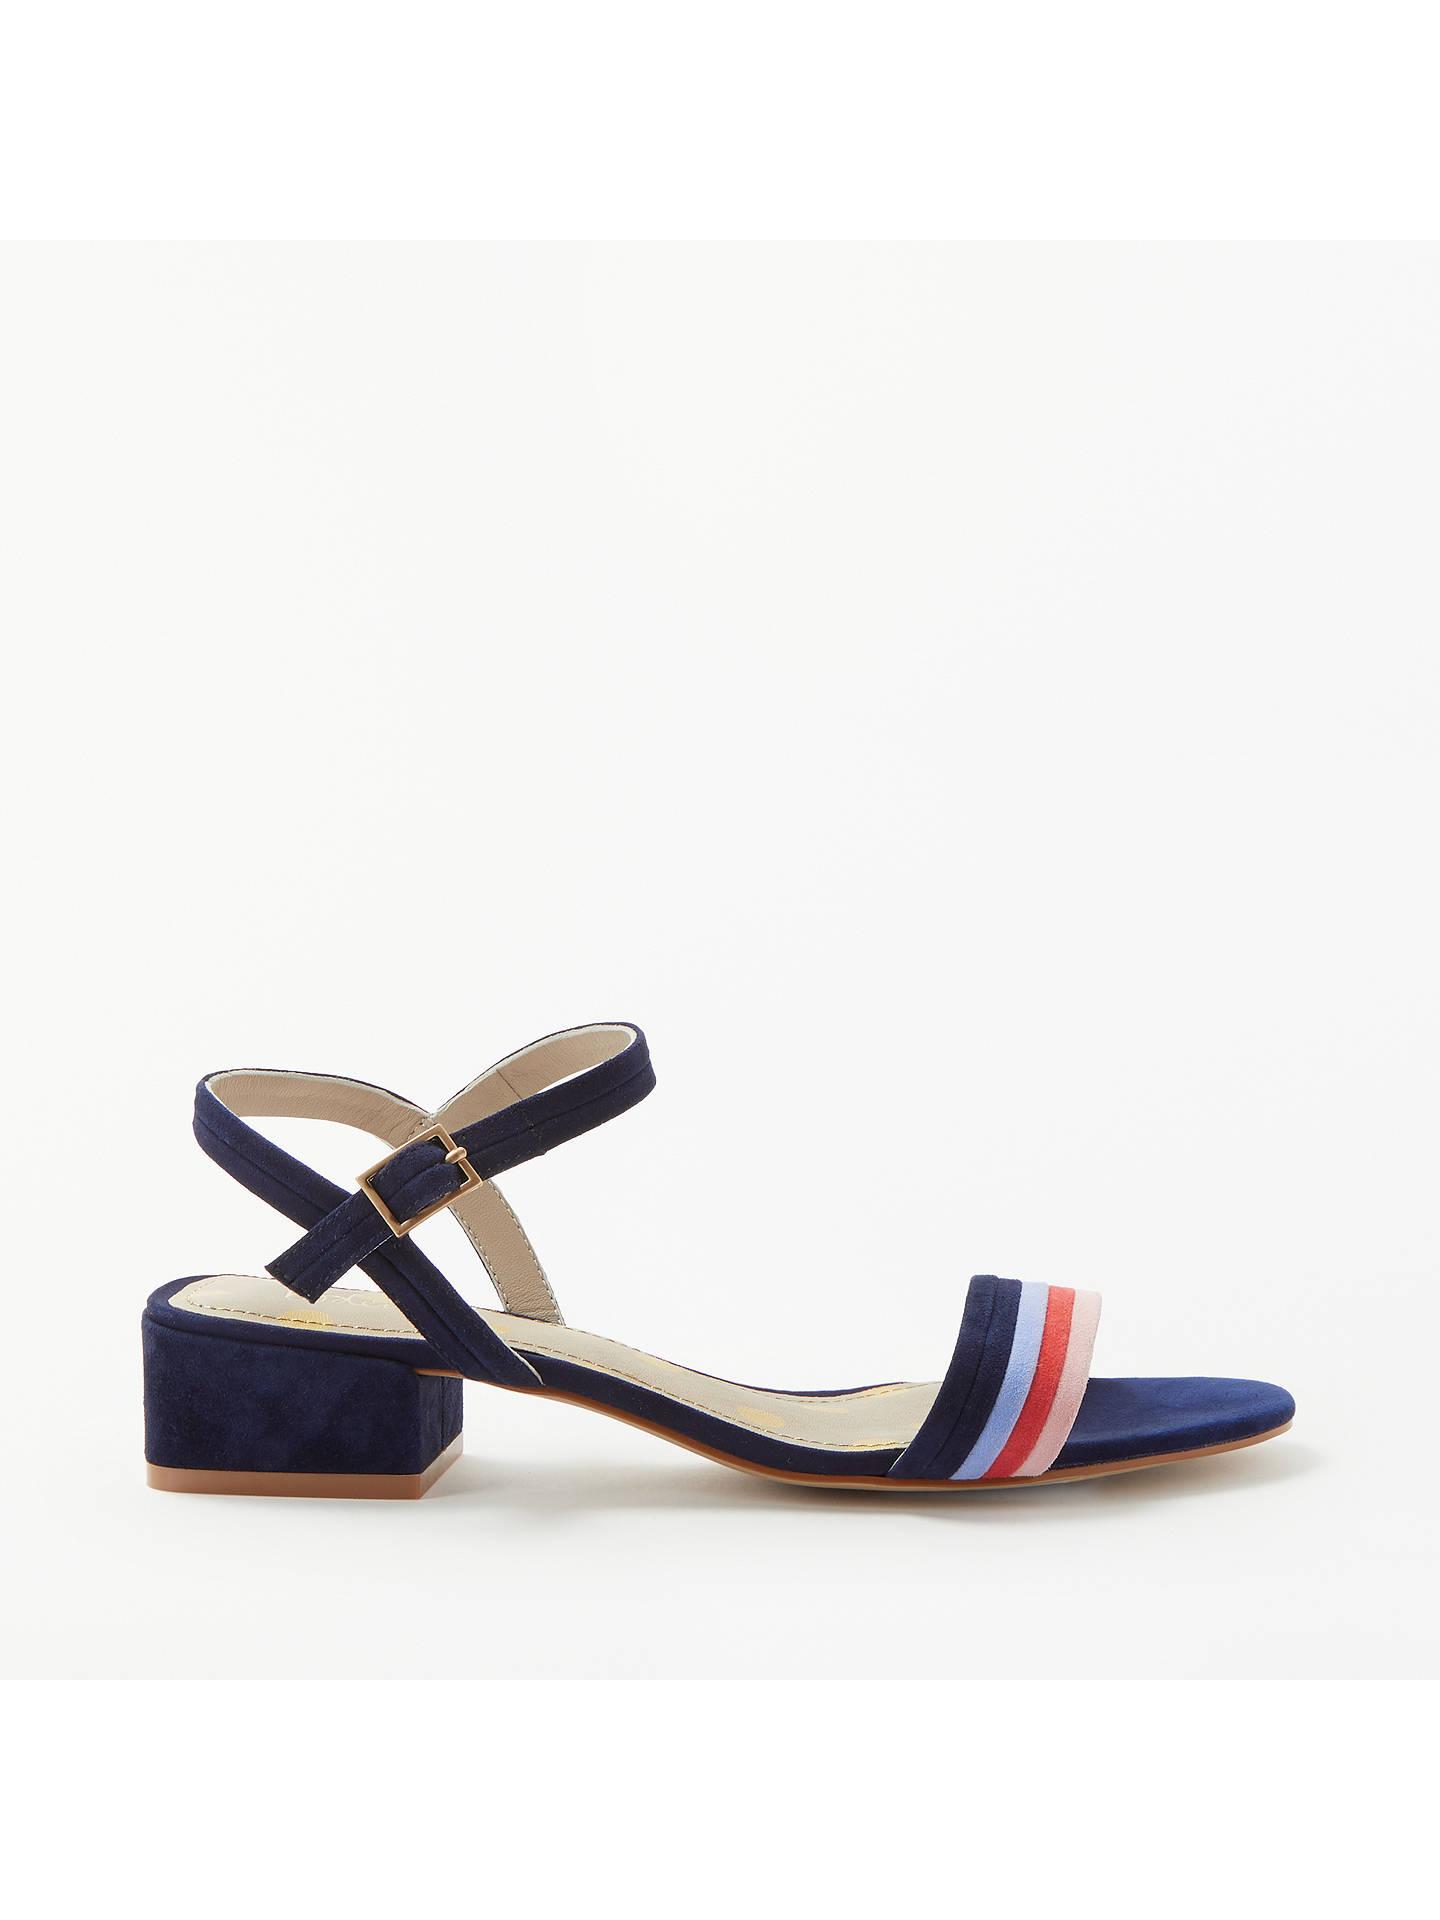 b52a06a7379 Boden Zoe Block Heel Sandals at John Lewis   Partners